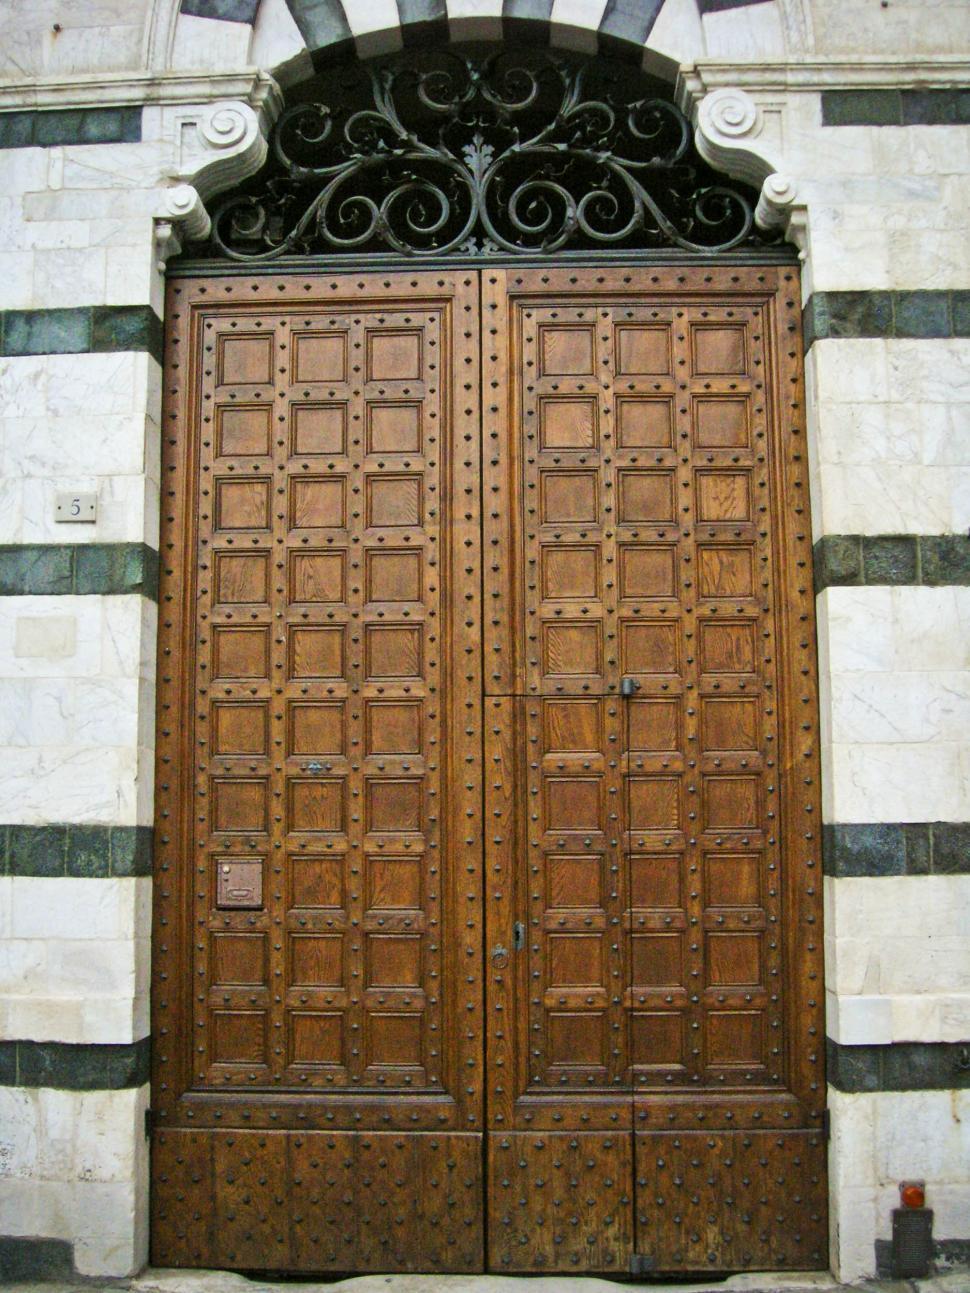 Download Free Stock Photo of old door